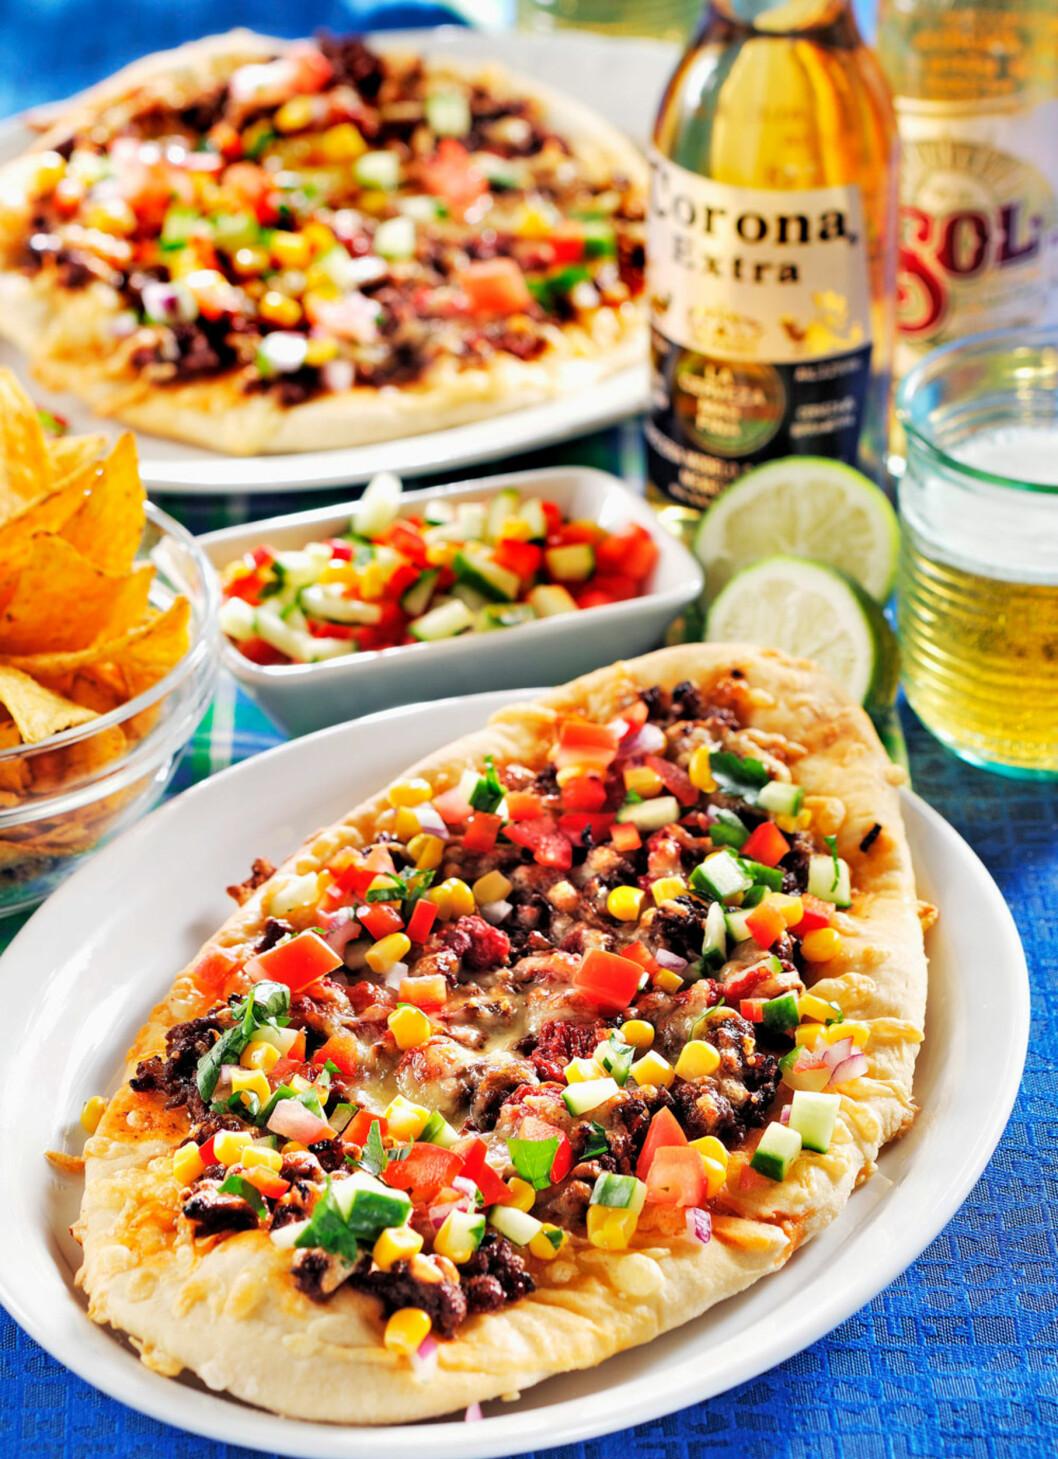 KOSEMAT PÅ FREDAGSKVELDEN: Taco + pizza = sant! Foto: Kent Jardhammar